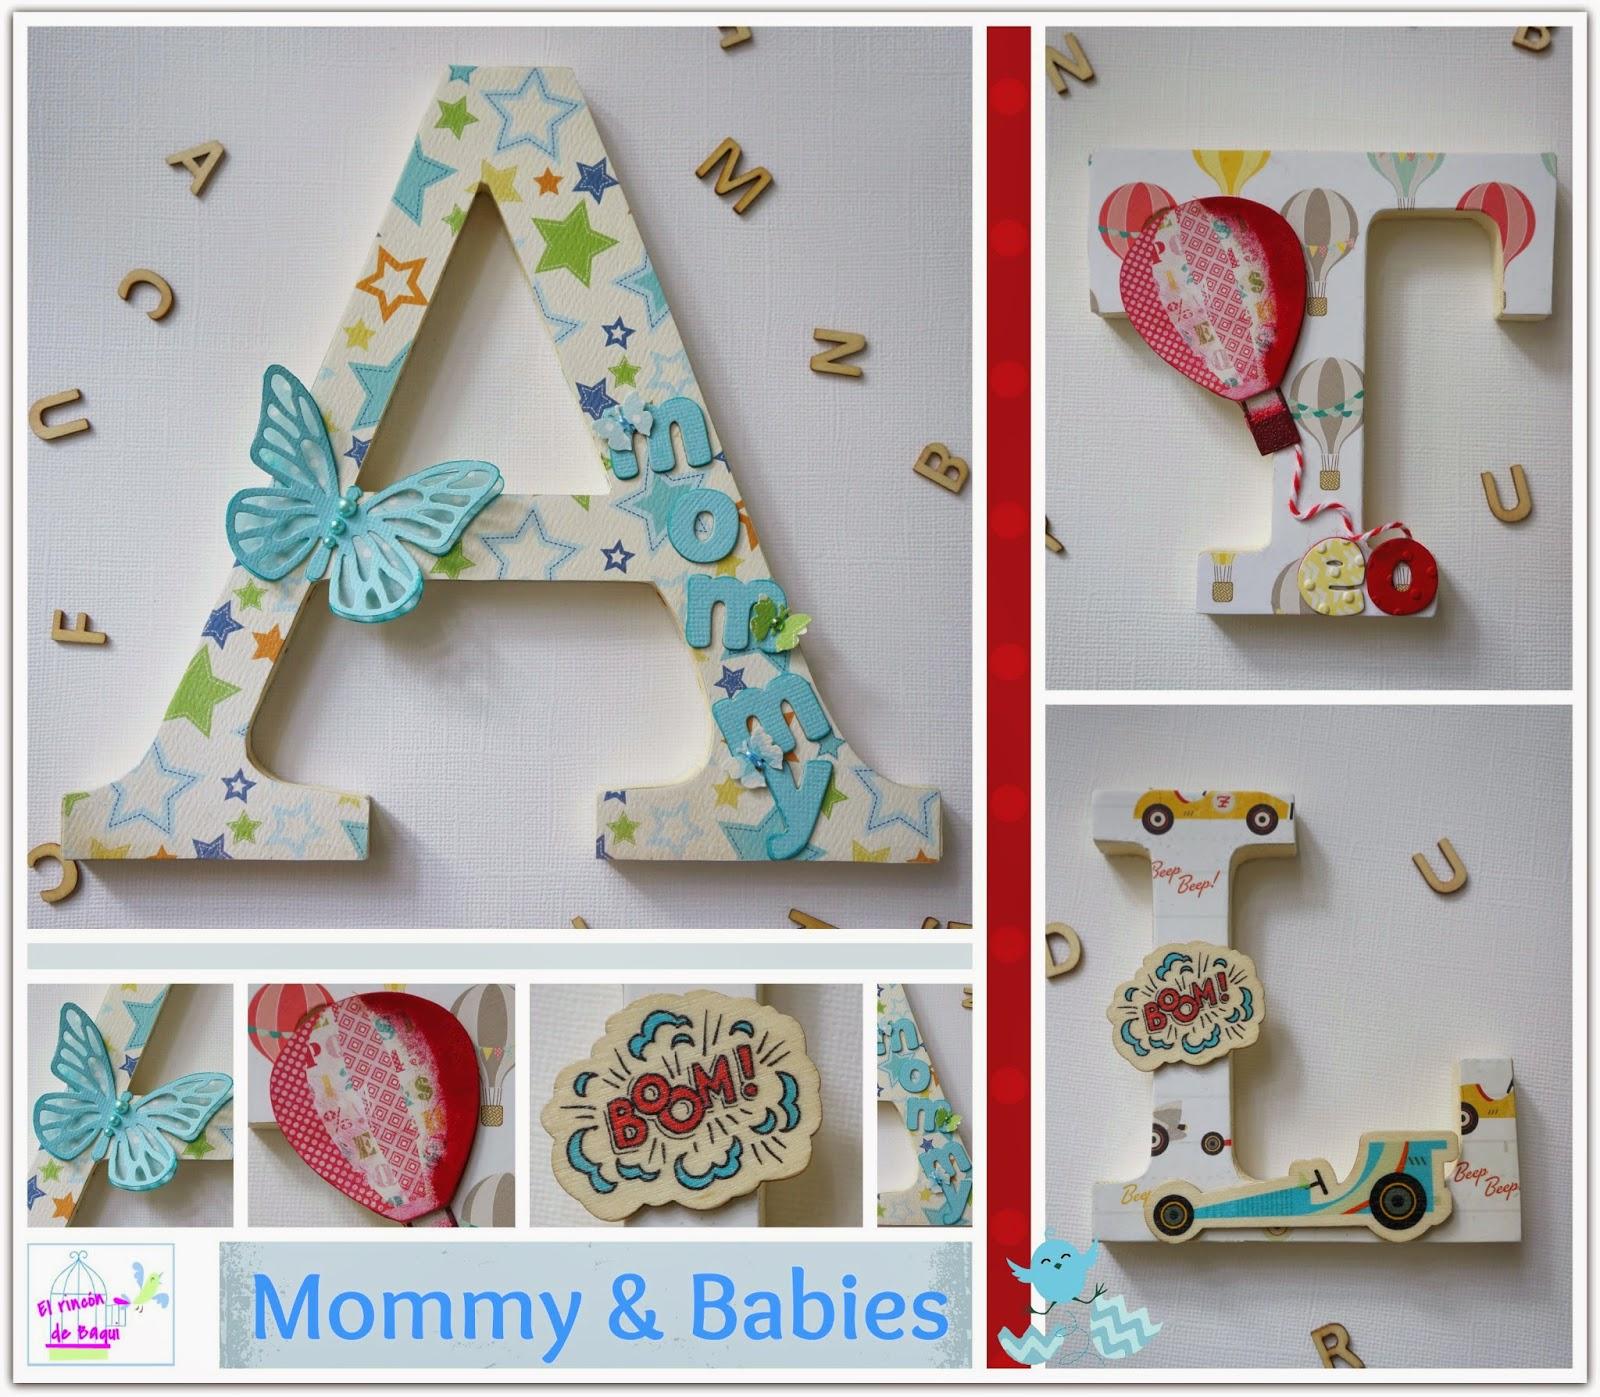 Letras decoradas mam y sus patitos el rincon de baqui blog de manualidades scrapbooking - Letras grandes decoradas ...